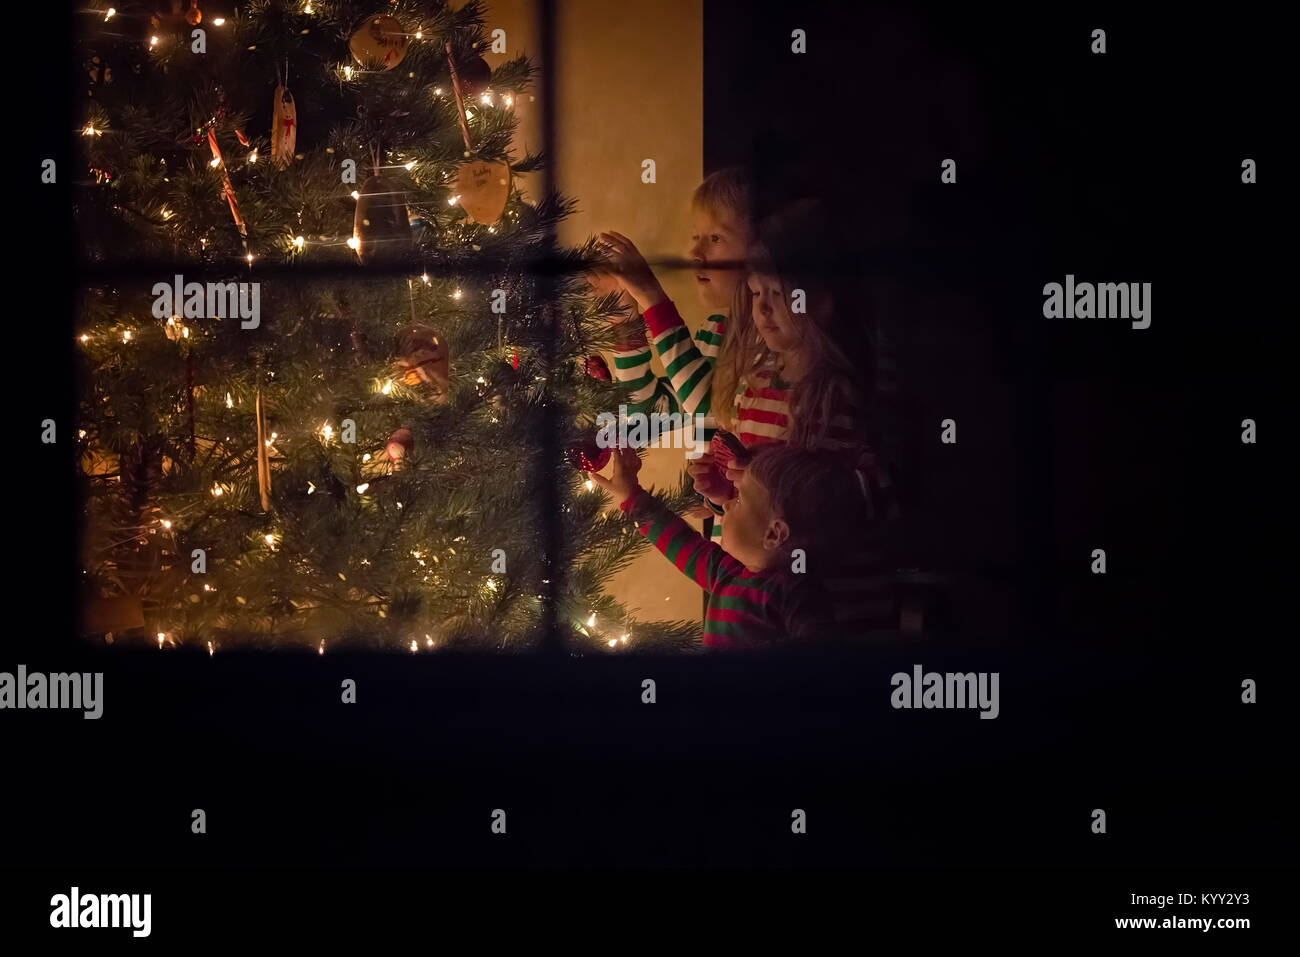 Frères et sœurs decorating Christmas Tree à la maison durant les fêtes de Noël Photo Stock